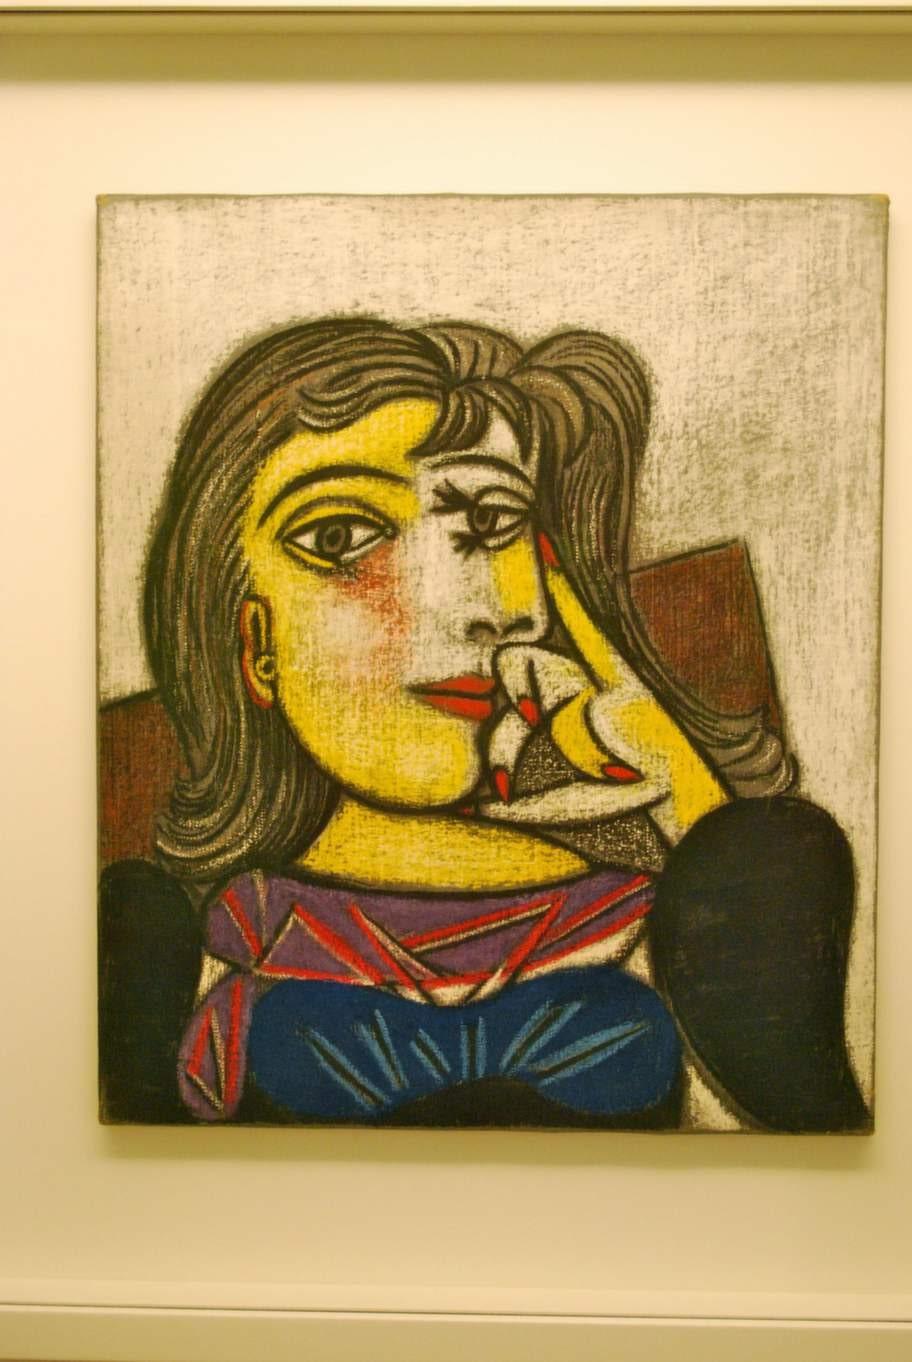 """Picasso hade under lång tid Paris som sin hemstad, och Picassomuseet i Marais är ett givet turistmål. Här syns målningen """"Dora Maar"""" från 1937."""